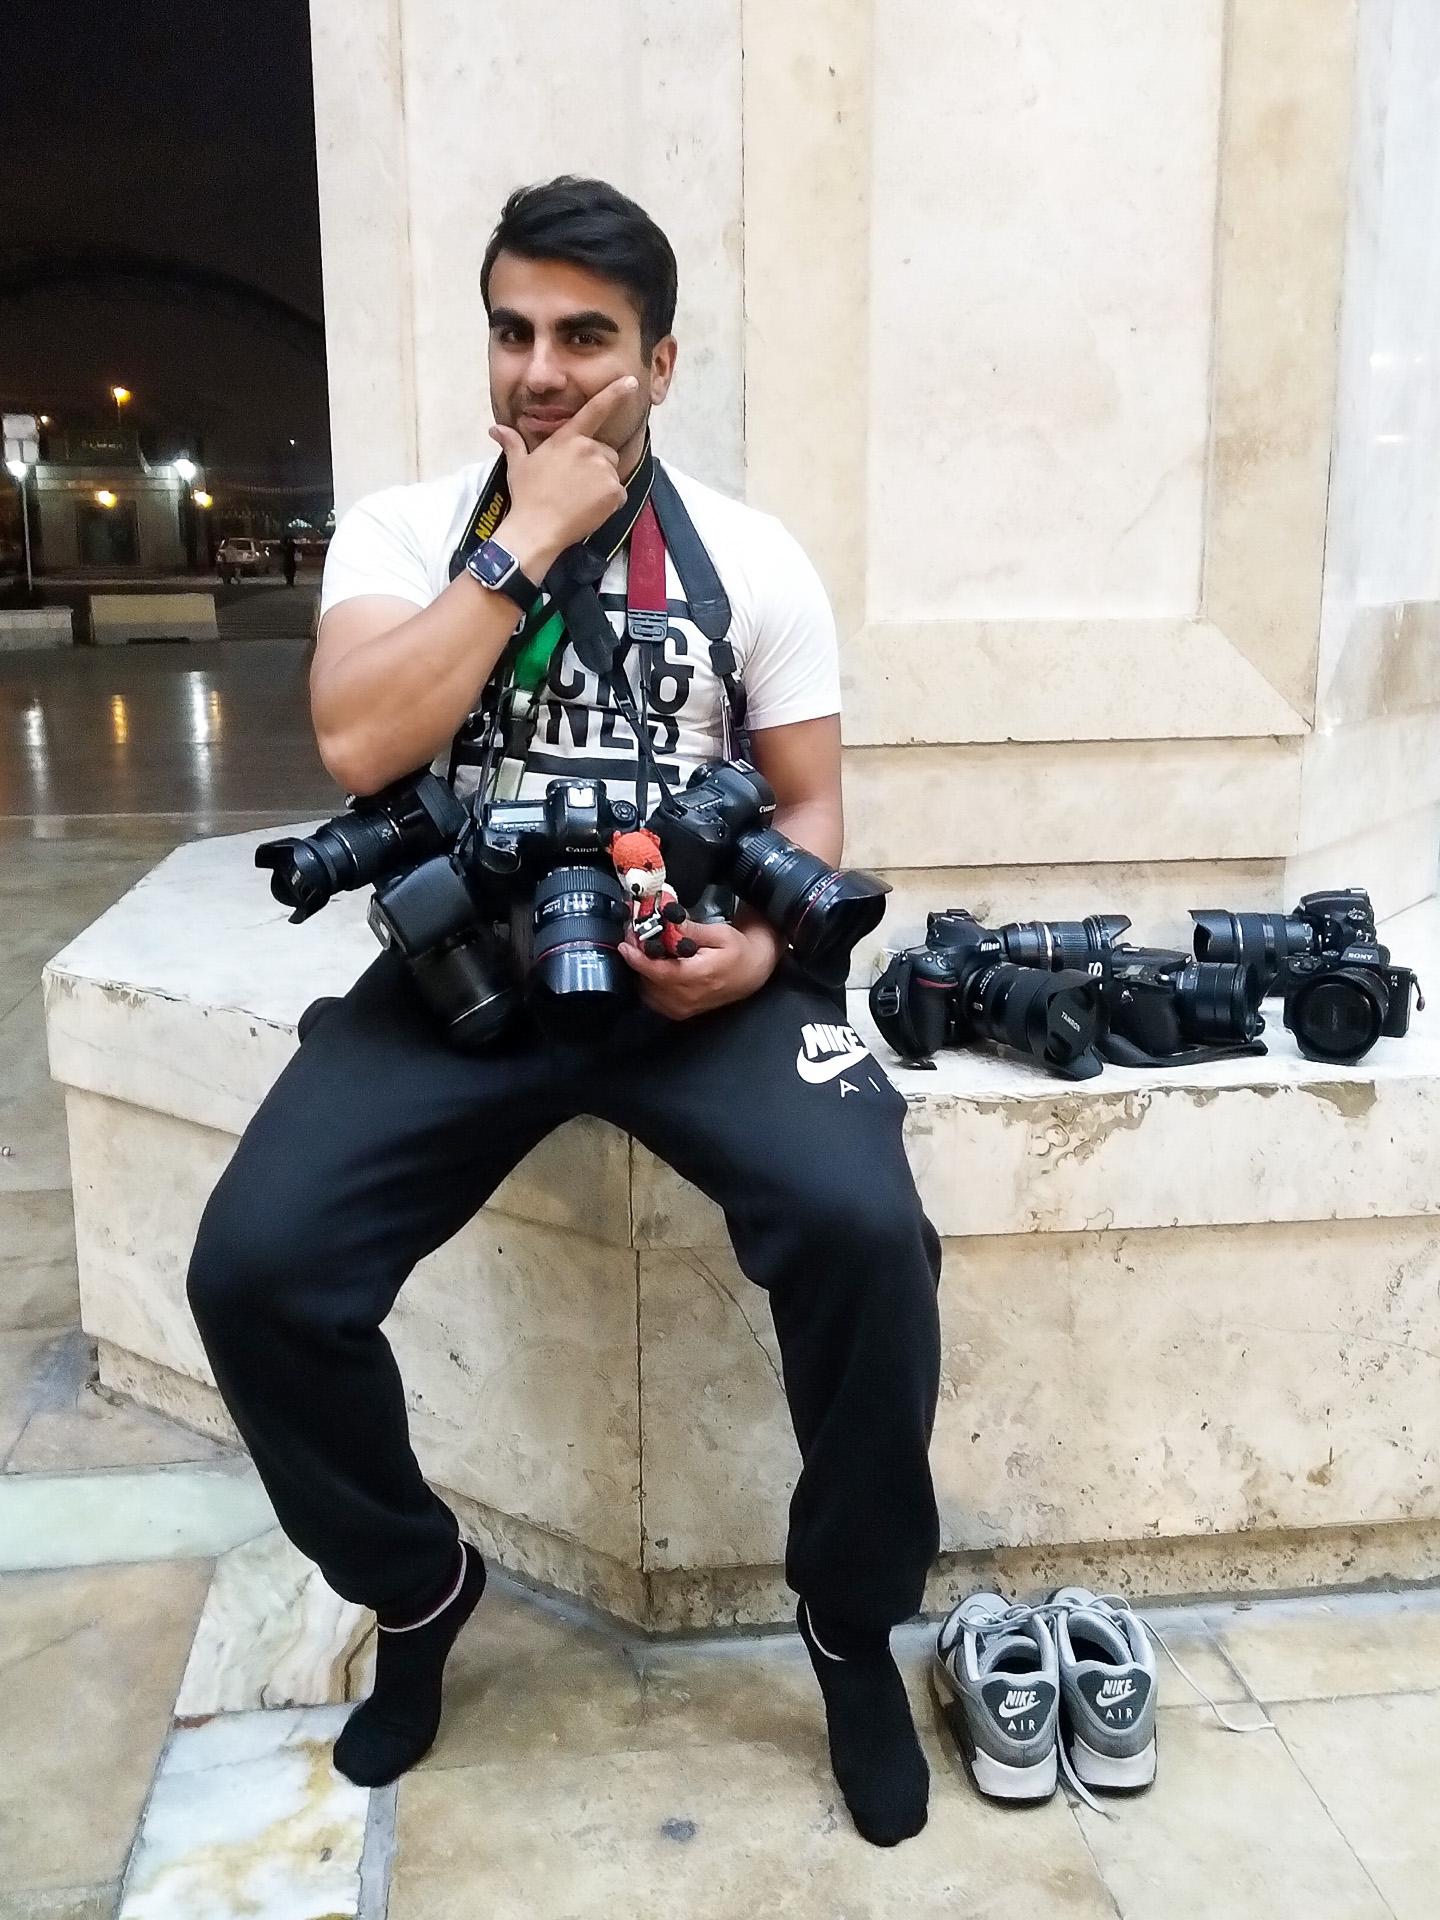 Bei einer Fotoreise einen Ort besuchen, an dem das Fotografieren verboten ist? Bei solchen Spezialitäten passen unser Reiseguide und unser Profi Fuchs ausgefuchst auf dein Equipment auf.